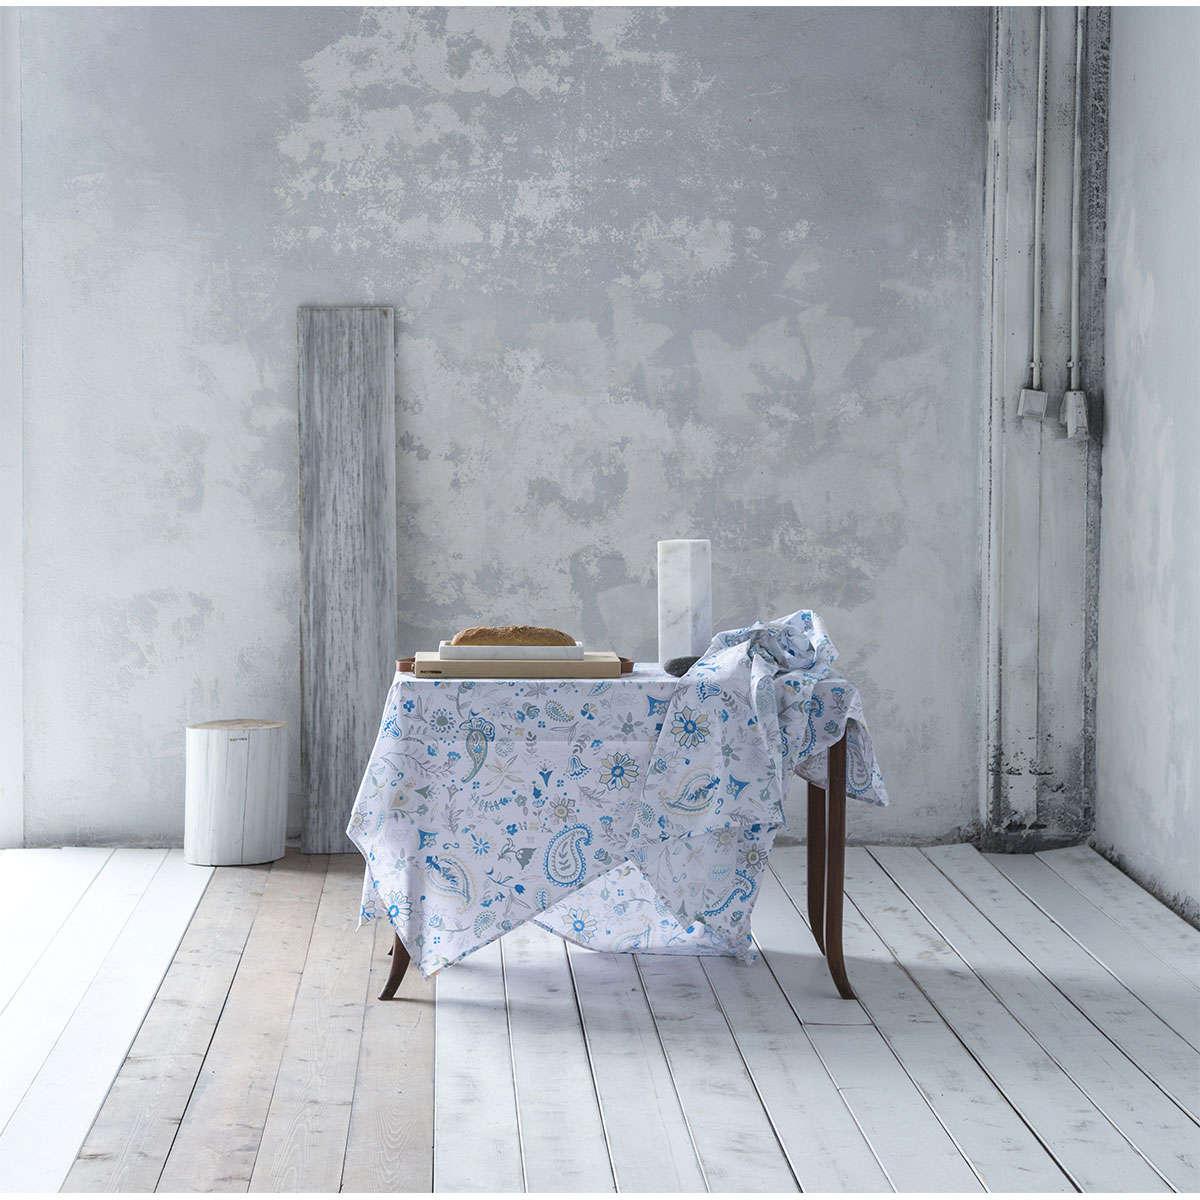 Τραπεζομάντηλο – Desire White-Blue Nima 150X200